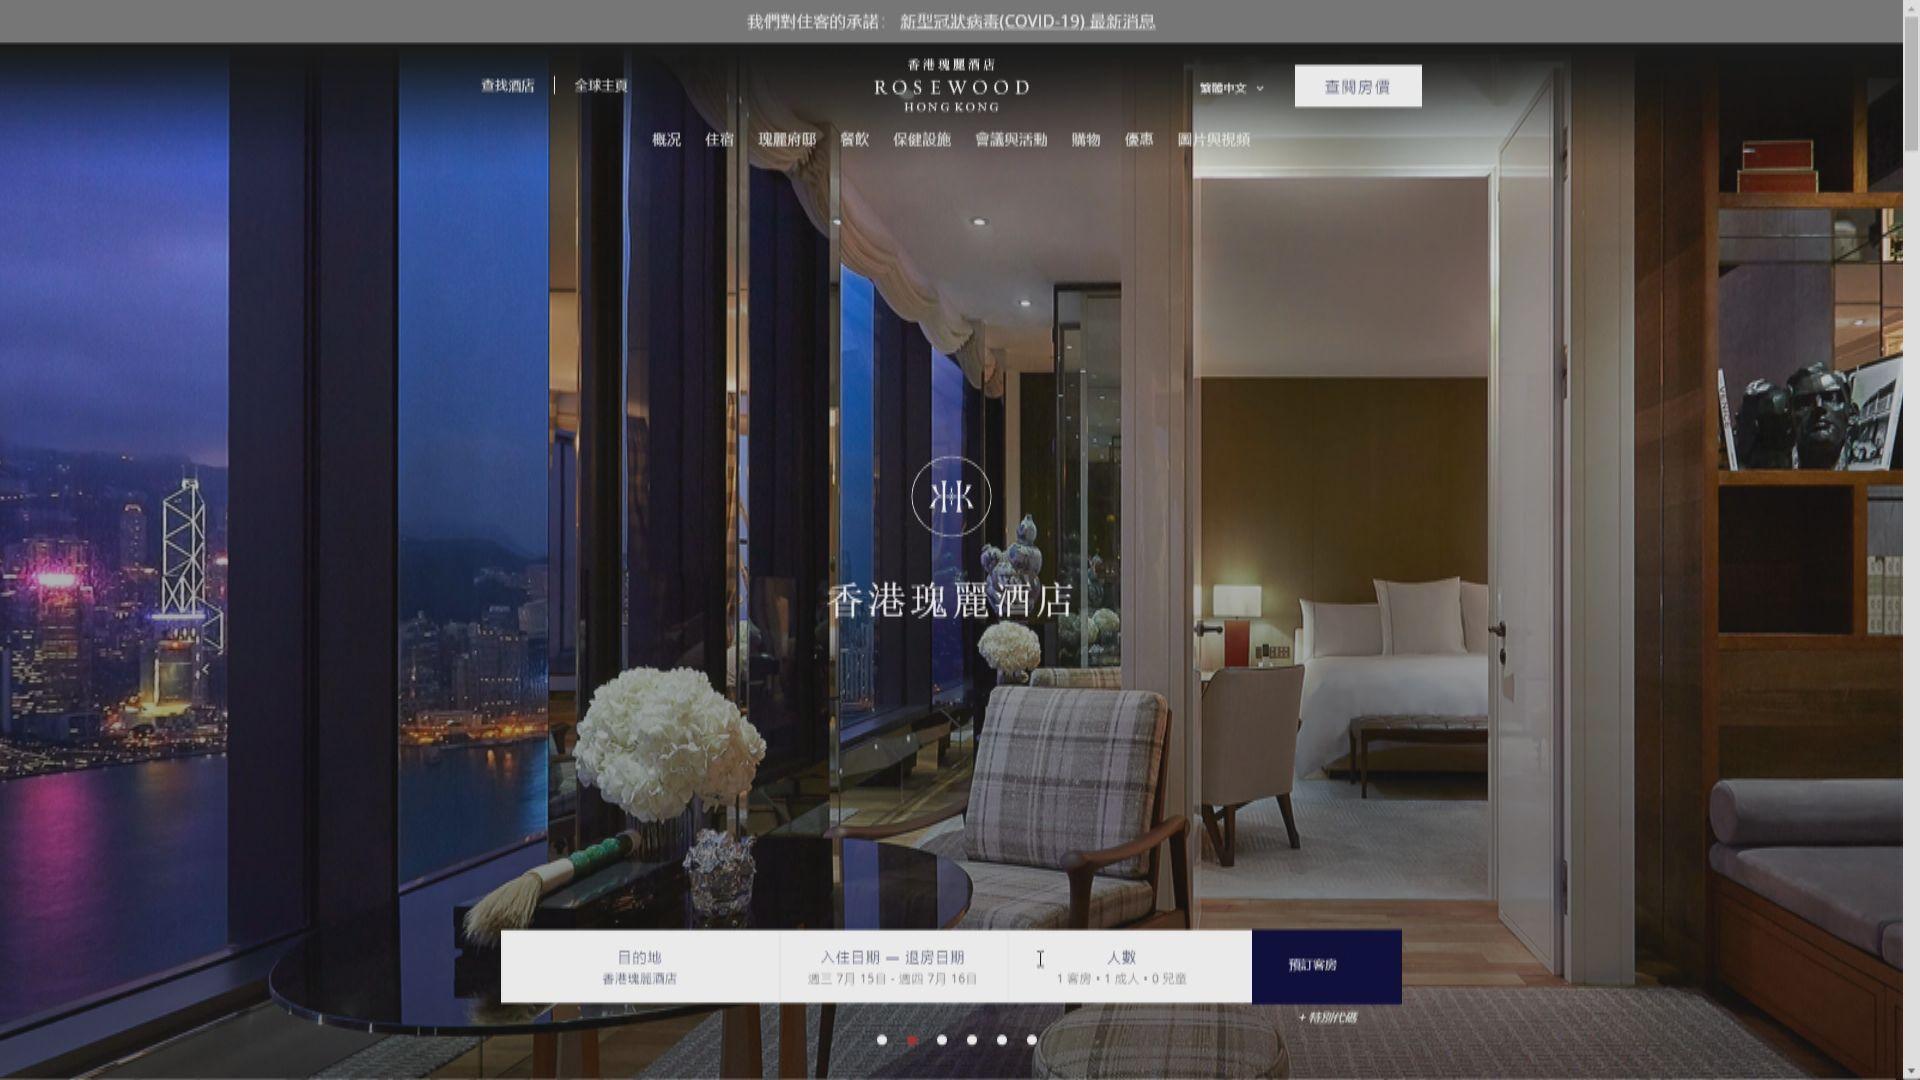 香港瑰麗酒店「彤福軒」員工確診 餐廳關閉14日消毒